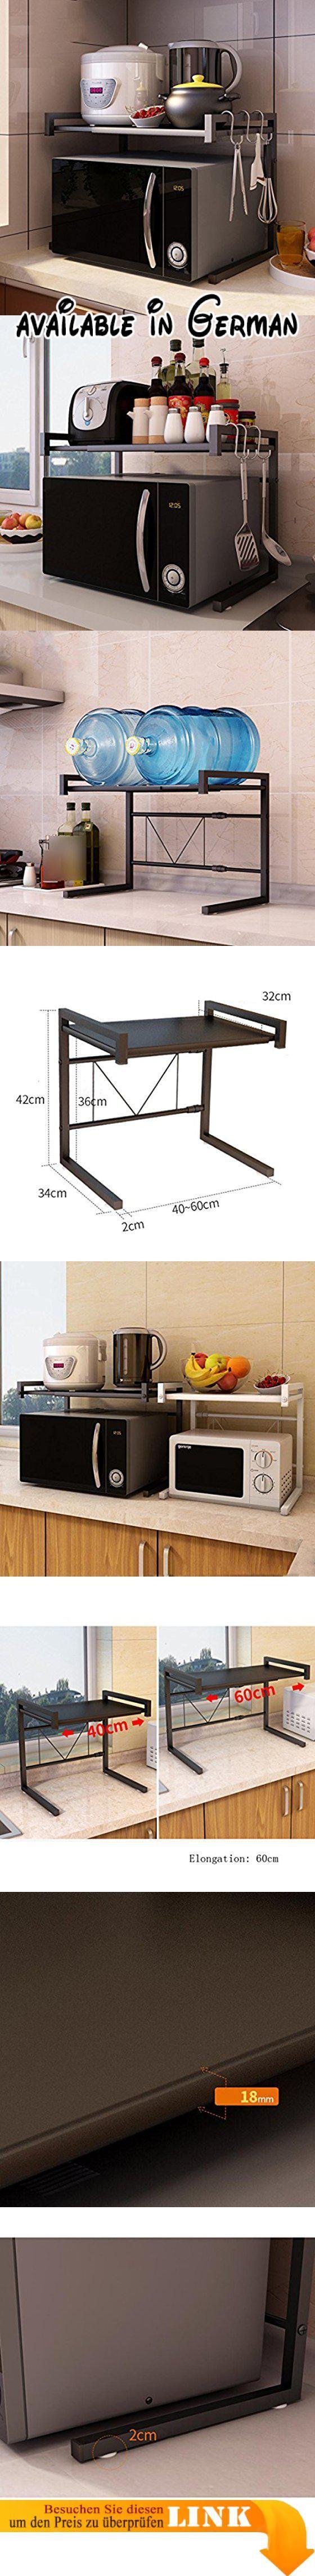 Erfreut Küchenschränke Lagerregale Fotos - Küche Set Ideen ...